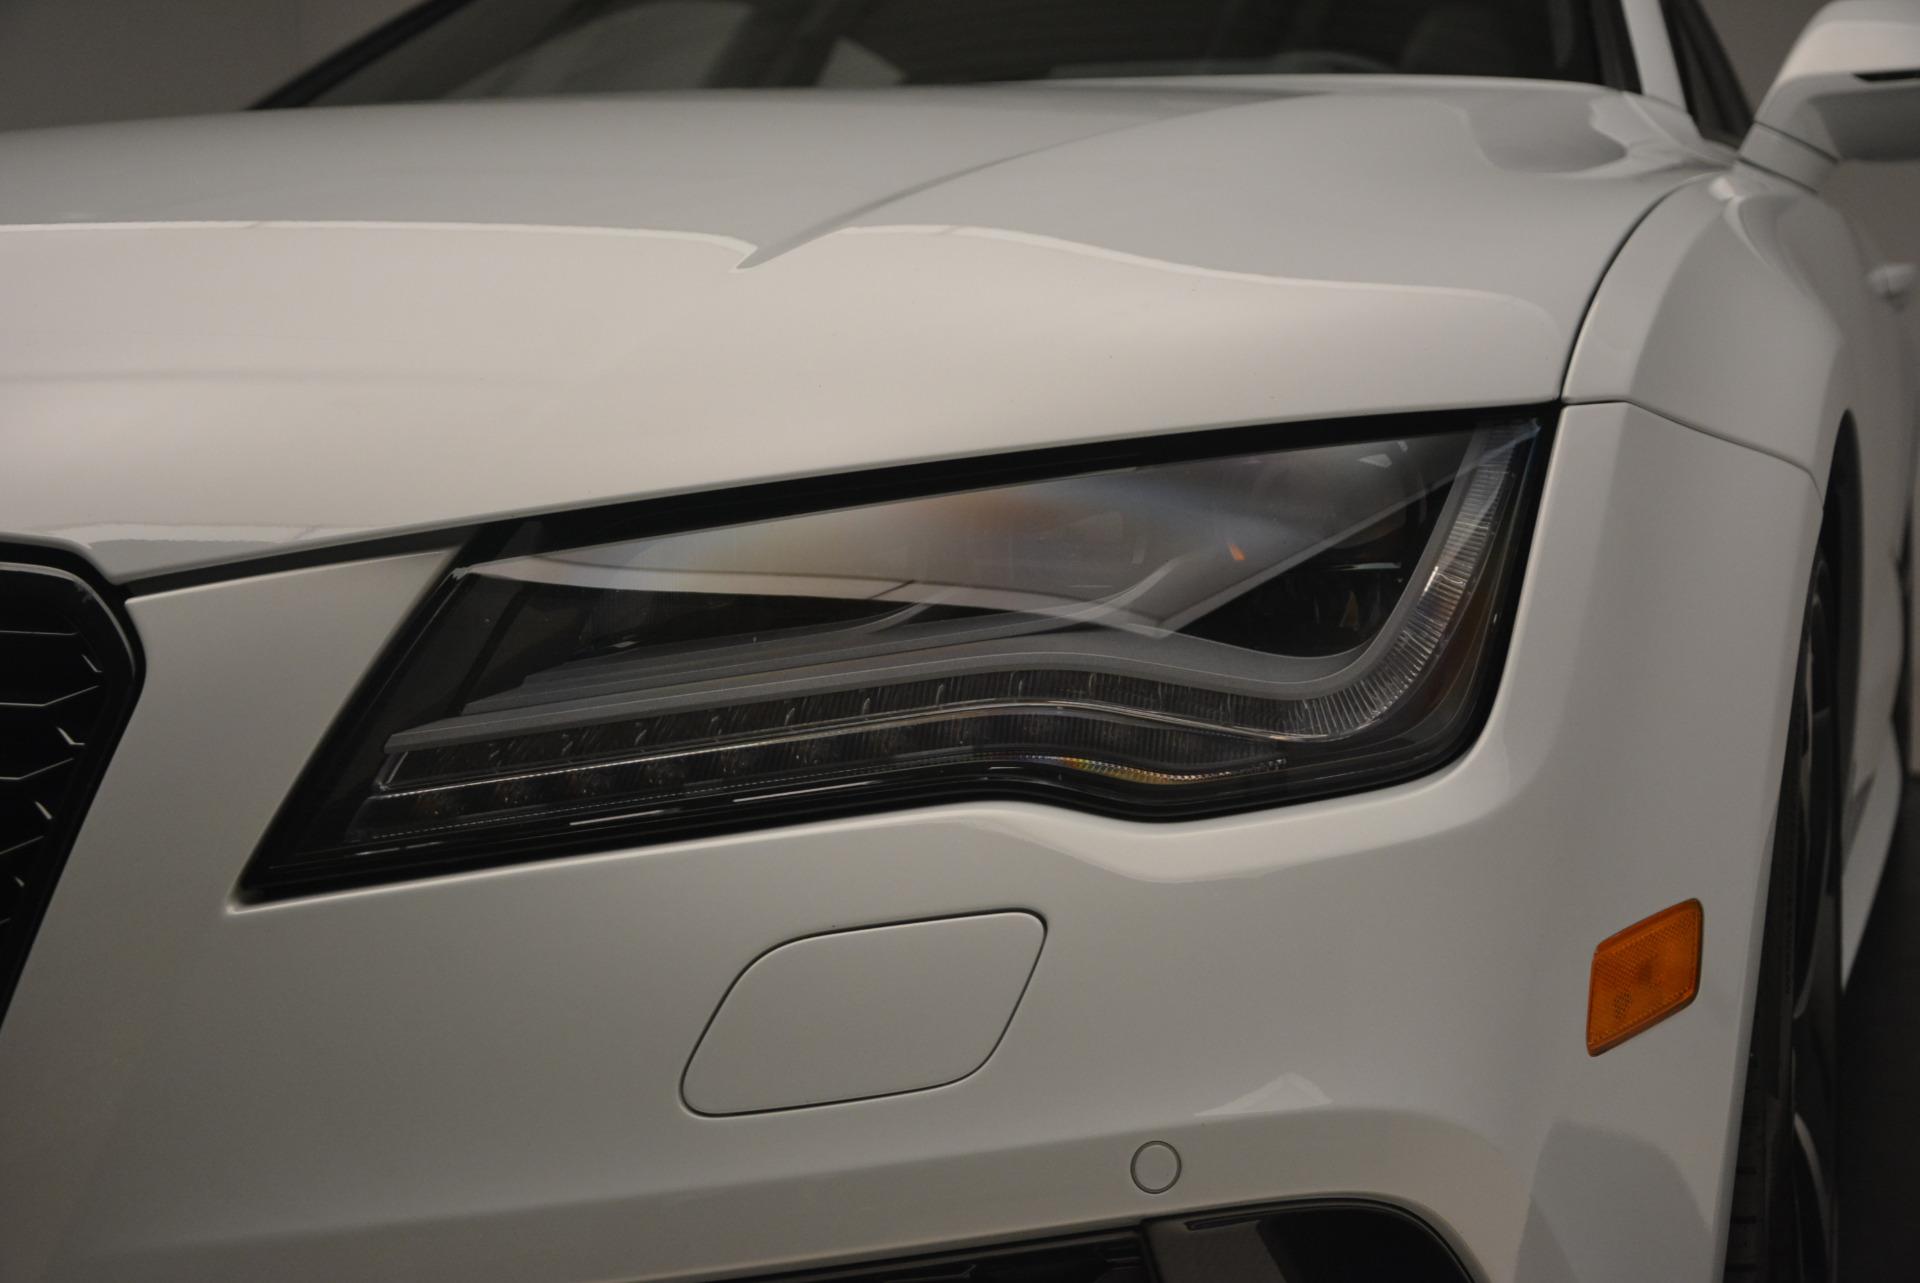 Used 2014 Audi RS 7 4.0T quattro Prestige For Sale In Greenwich, CT. Alfa Romeo of Greenwich, R416A 1262_p16